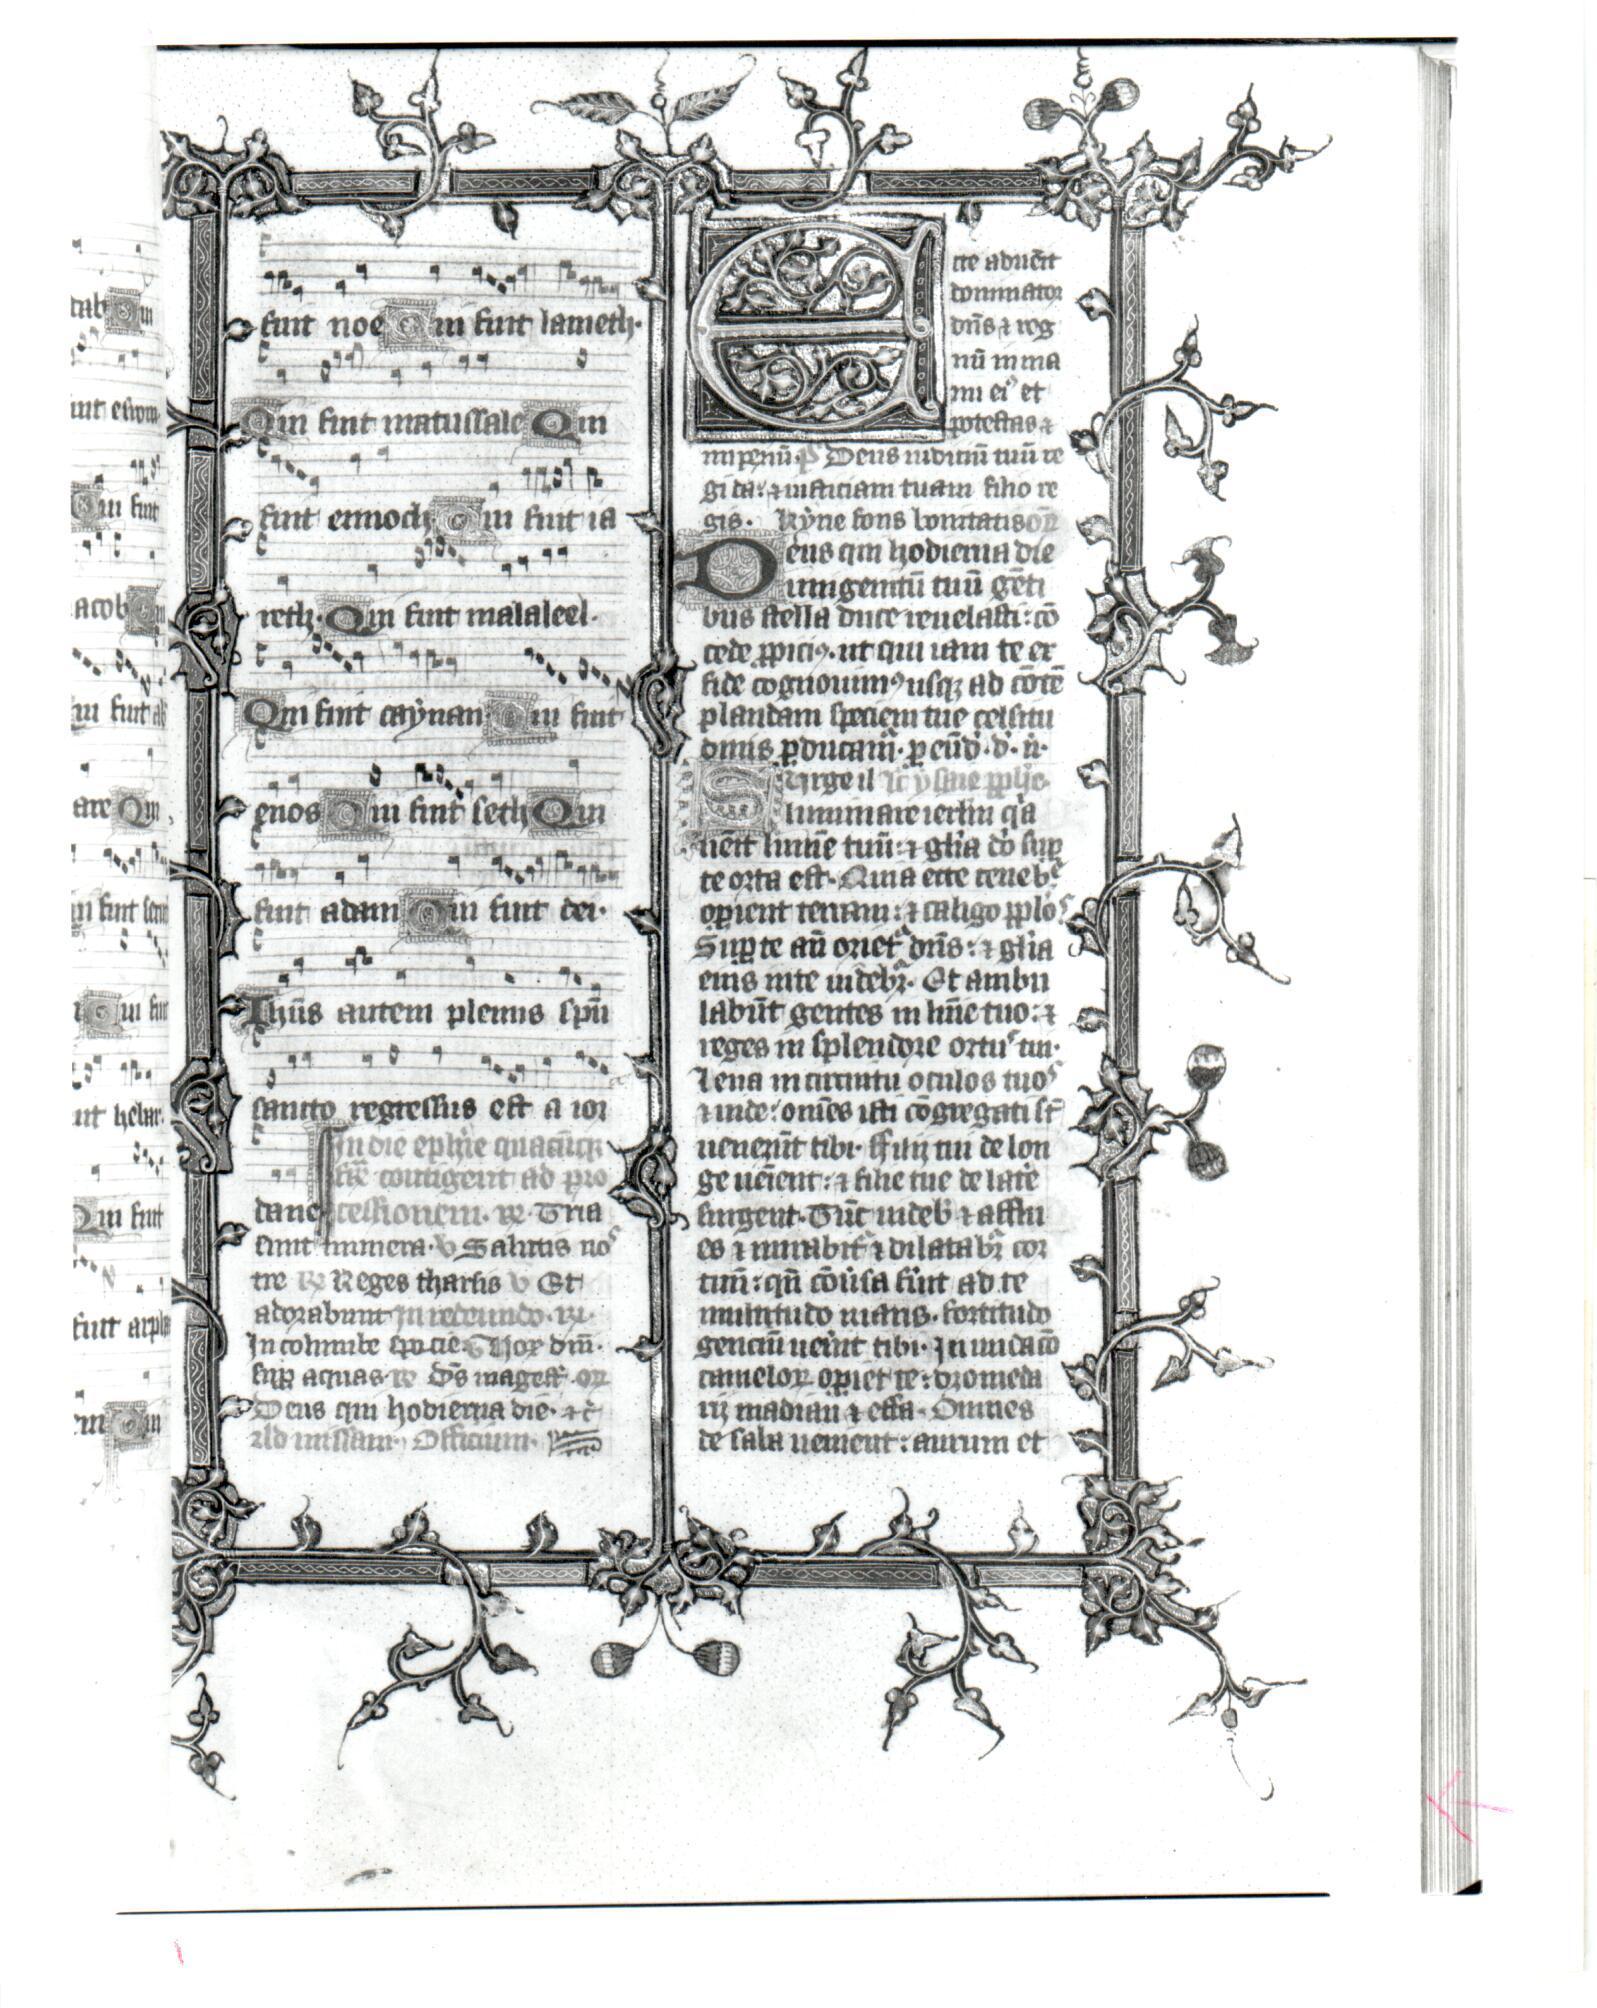 32 Beinecke MS 286, f. 42r